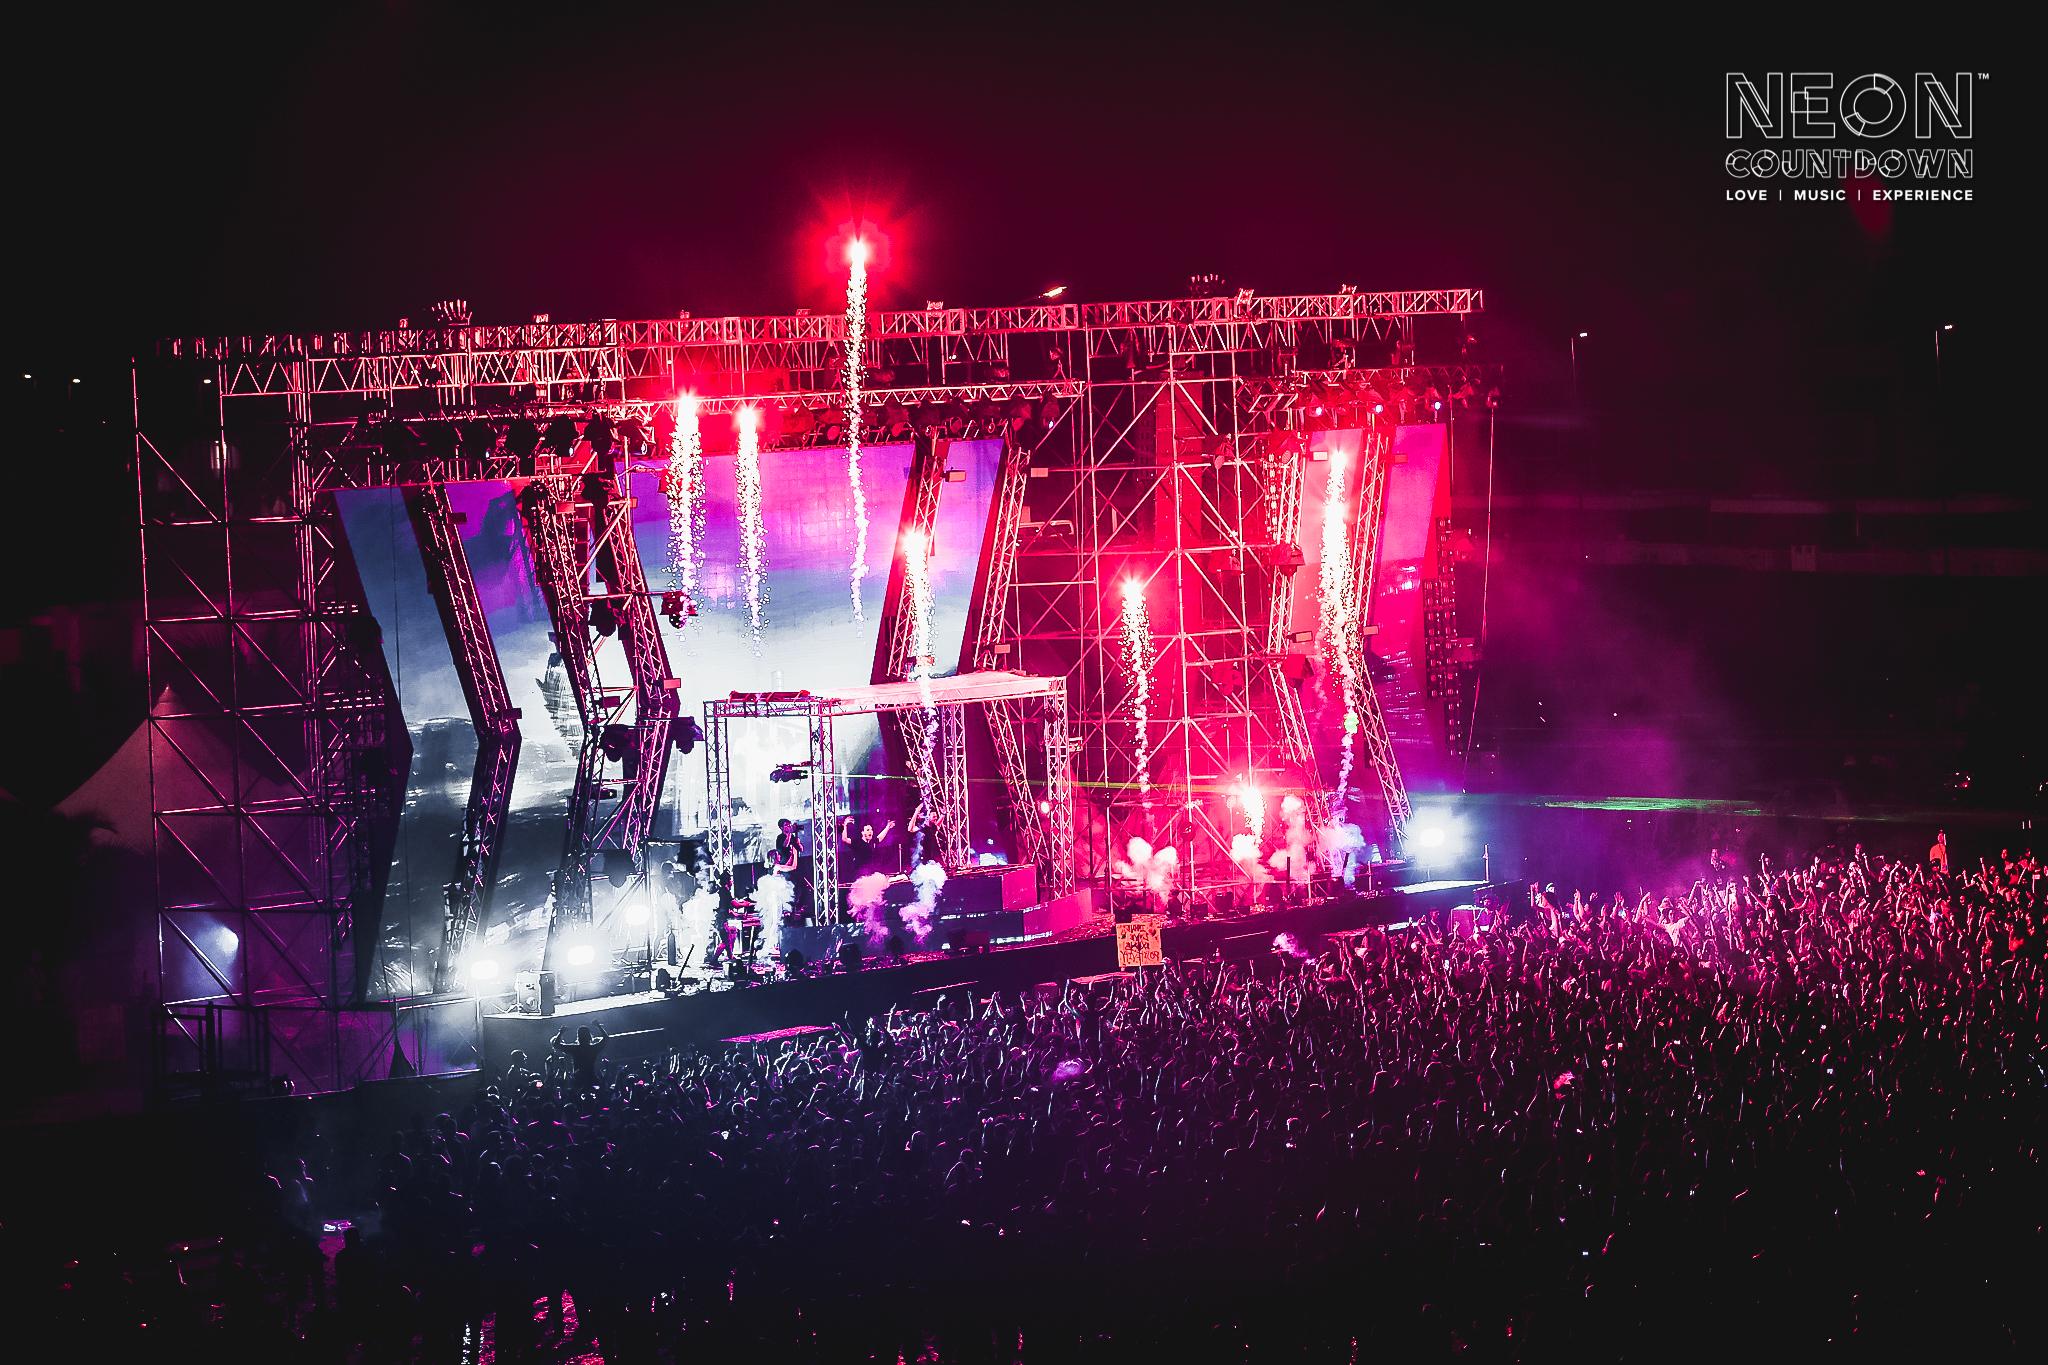 Neon Countdown 2018 – Kuala Lumpur, Malaysia 12.31.18